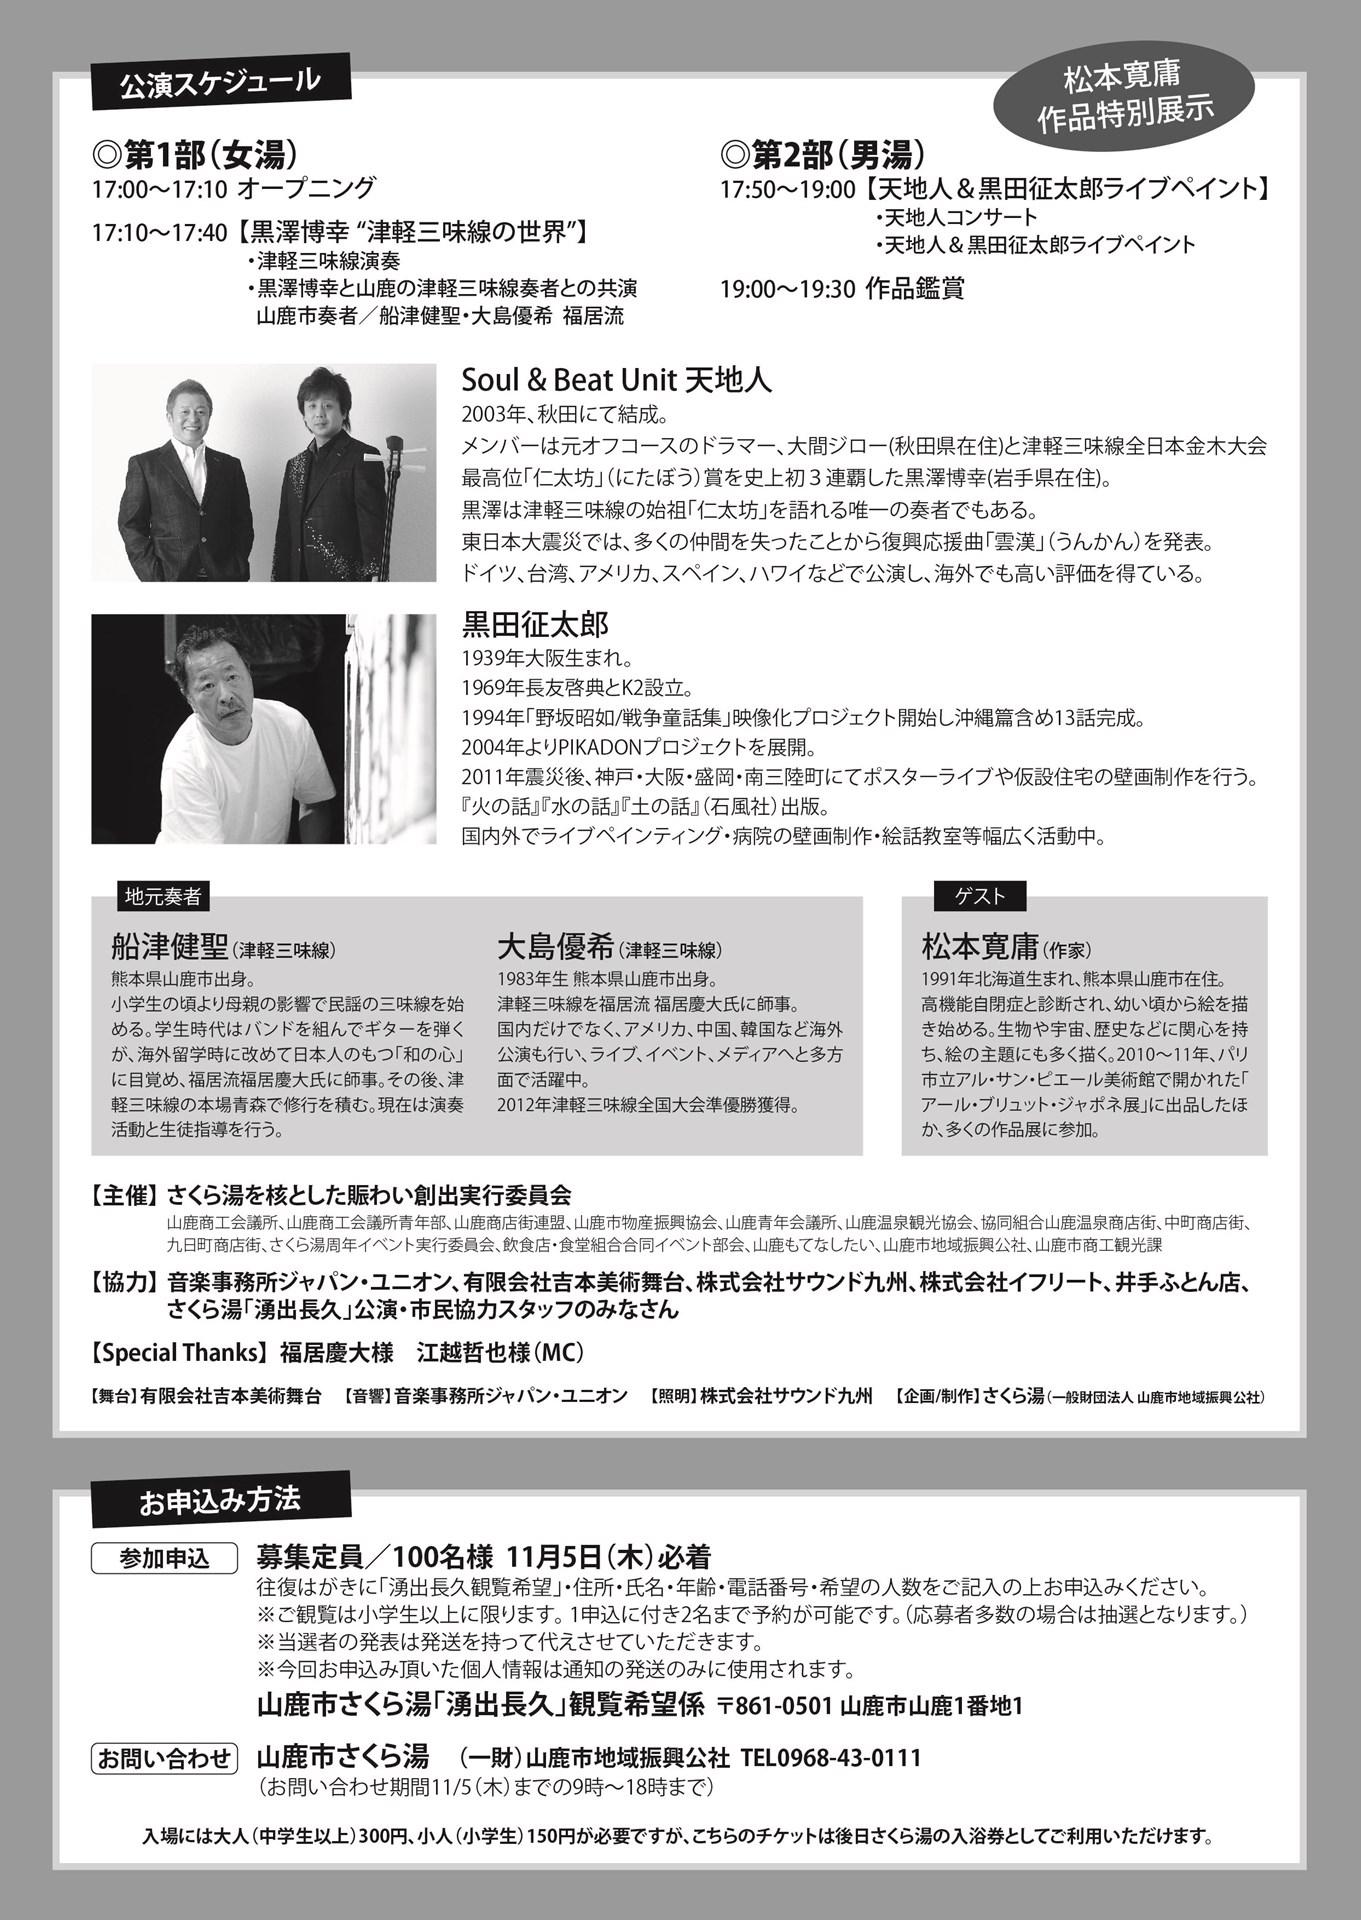 奉納コンサート開催のお知らせ裏面